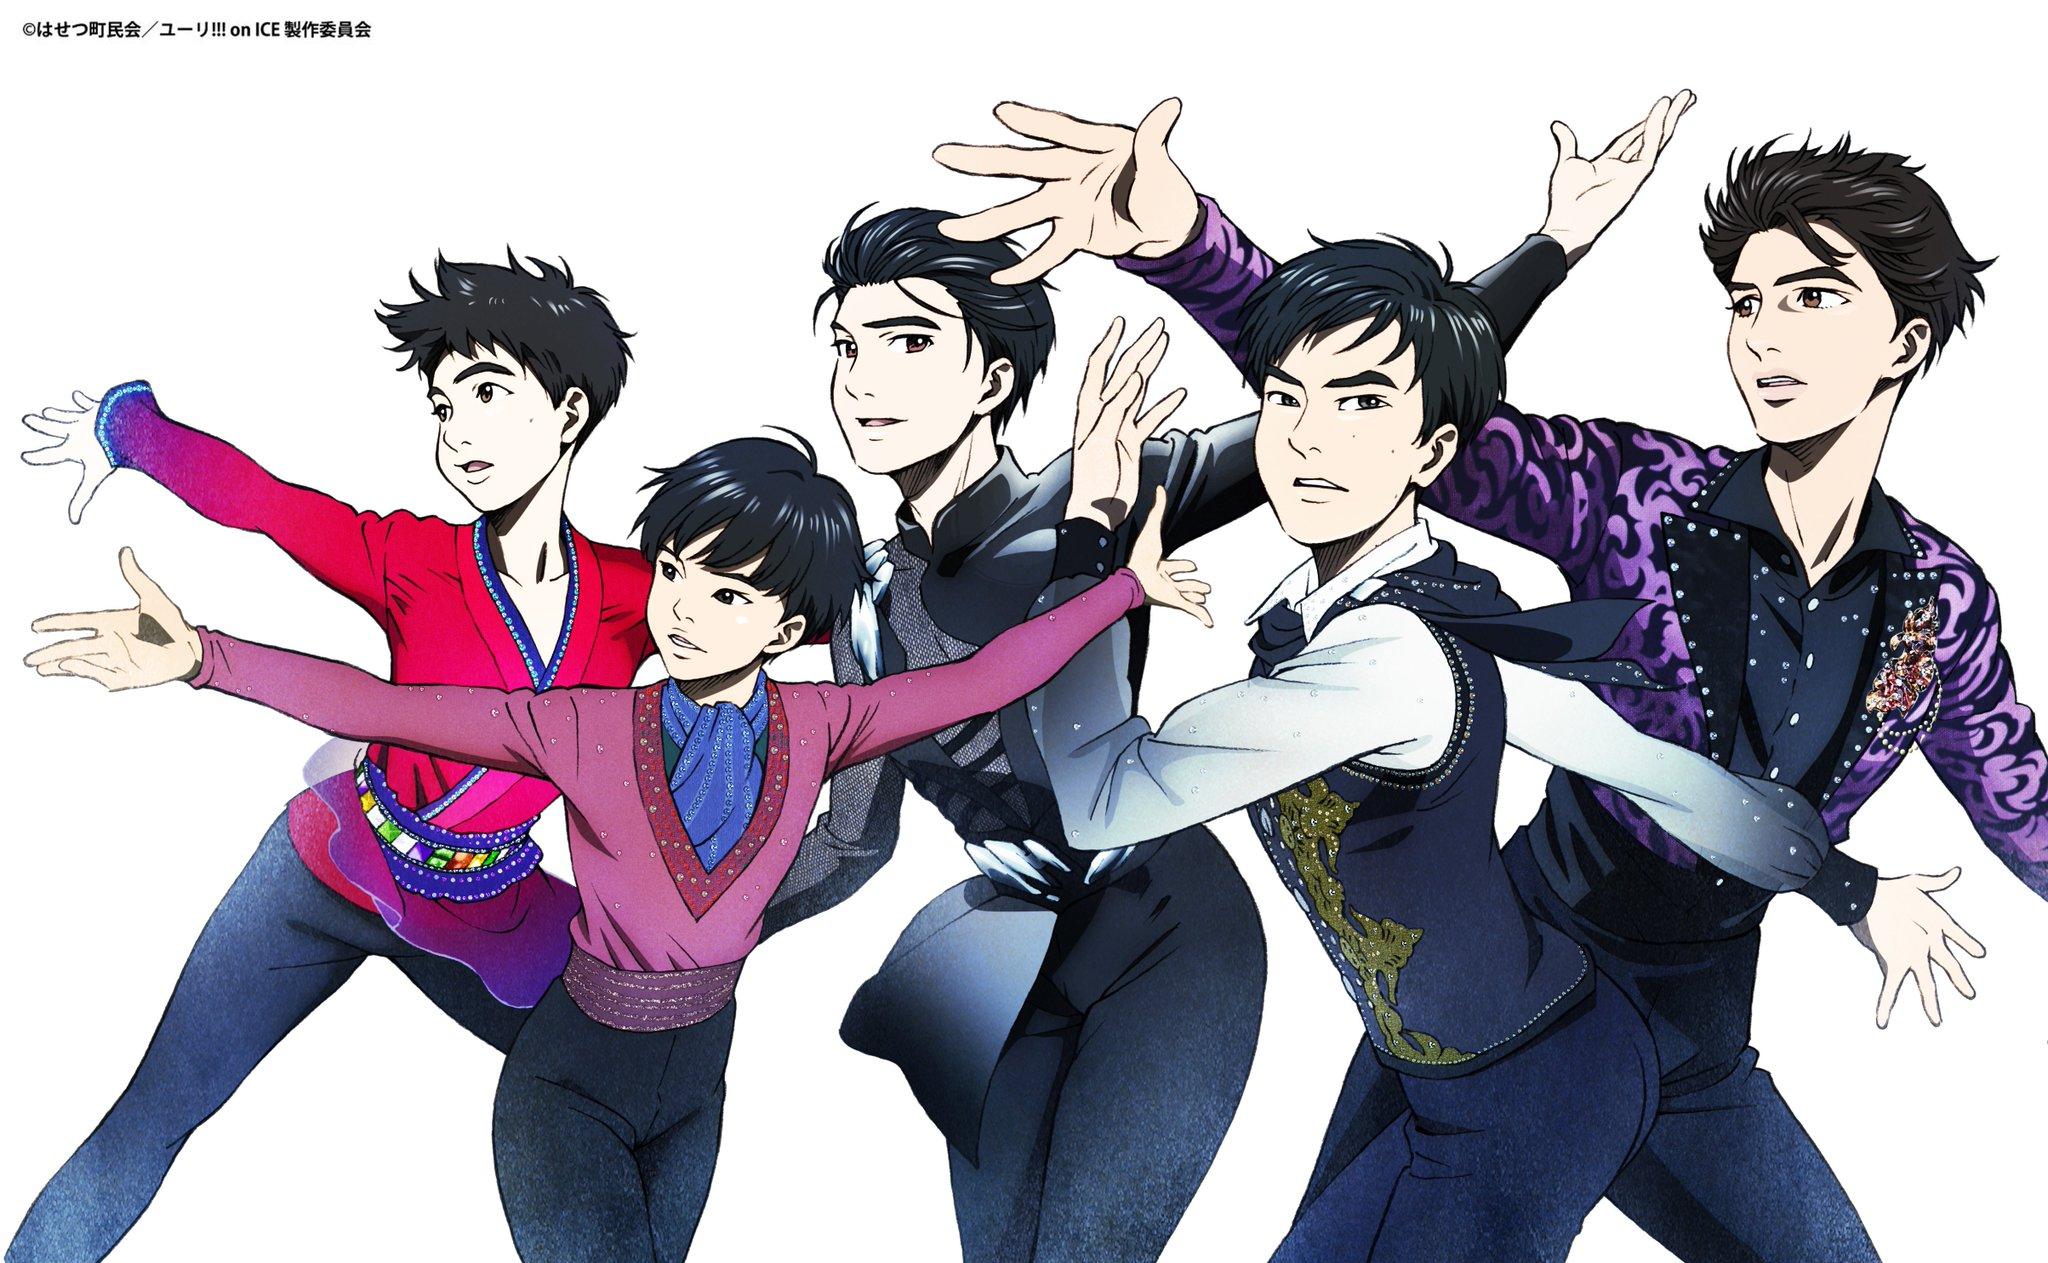 ユーリ on ice 劇場 版 ice adolescence